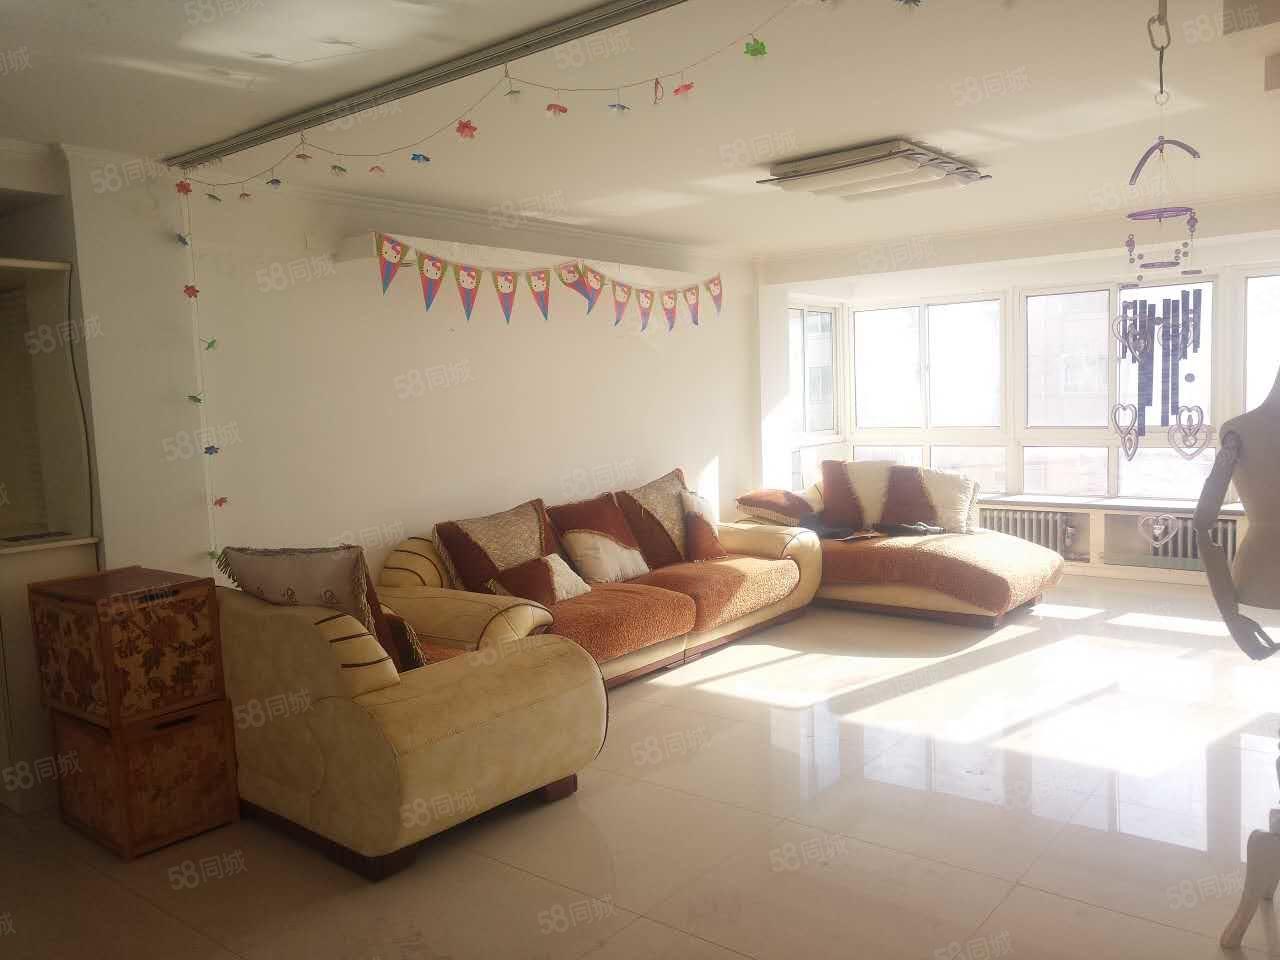 兴隆大家庭富锦家园5楼带阁楼4室2厅2卫184平包供暖